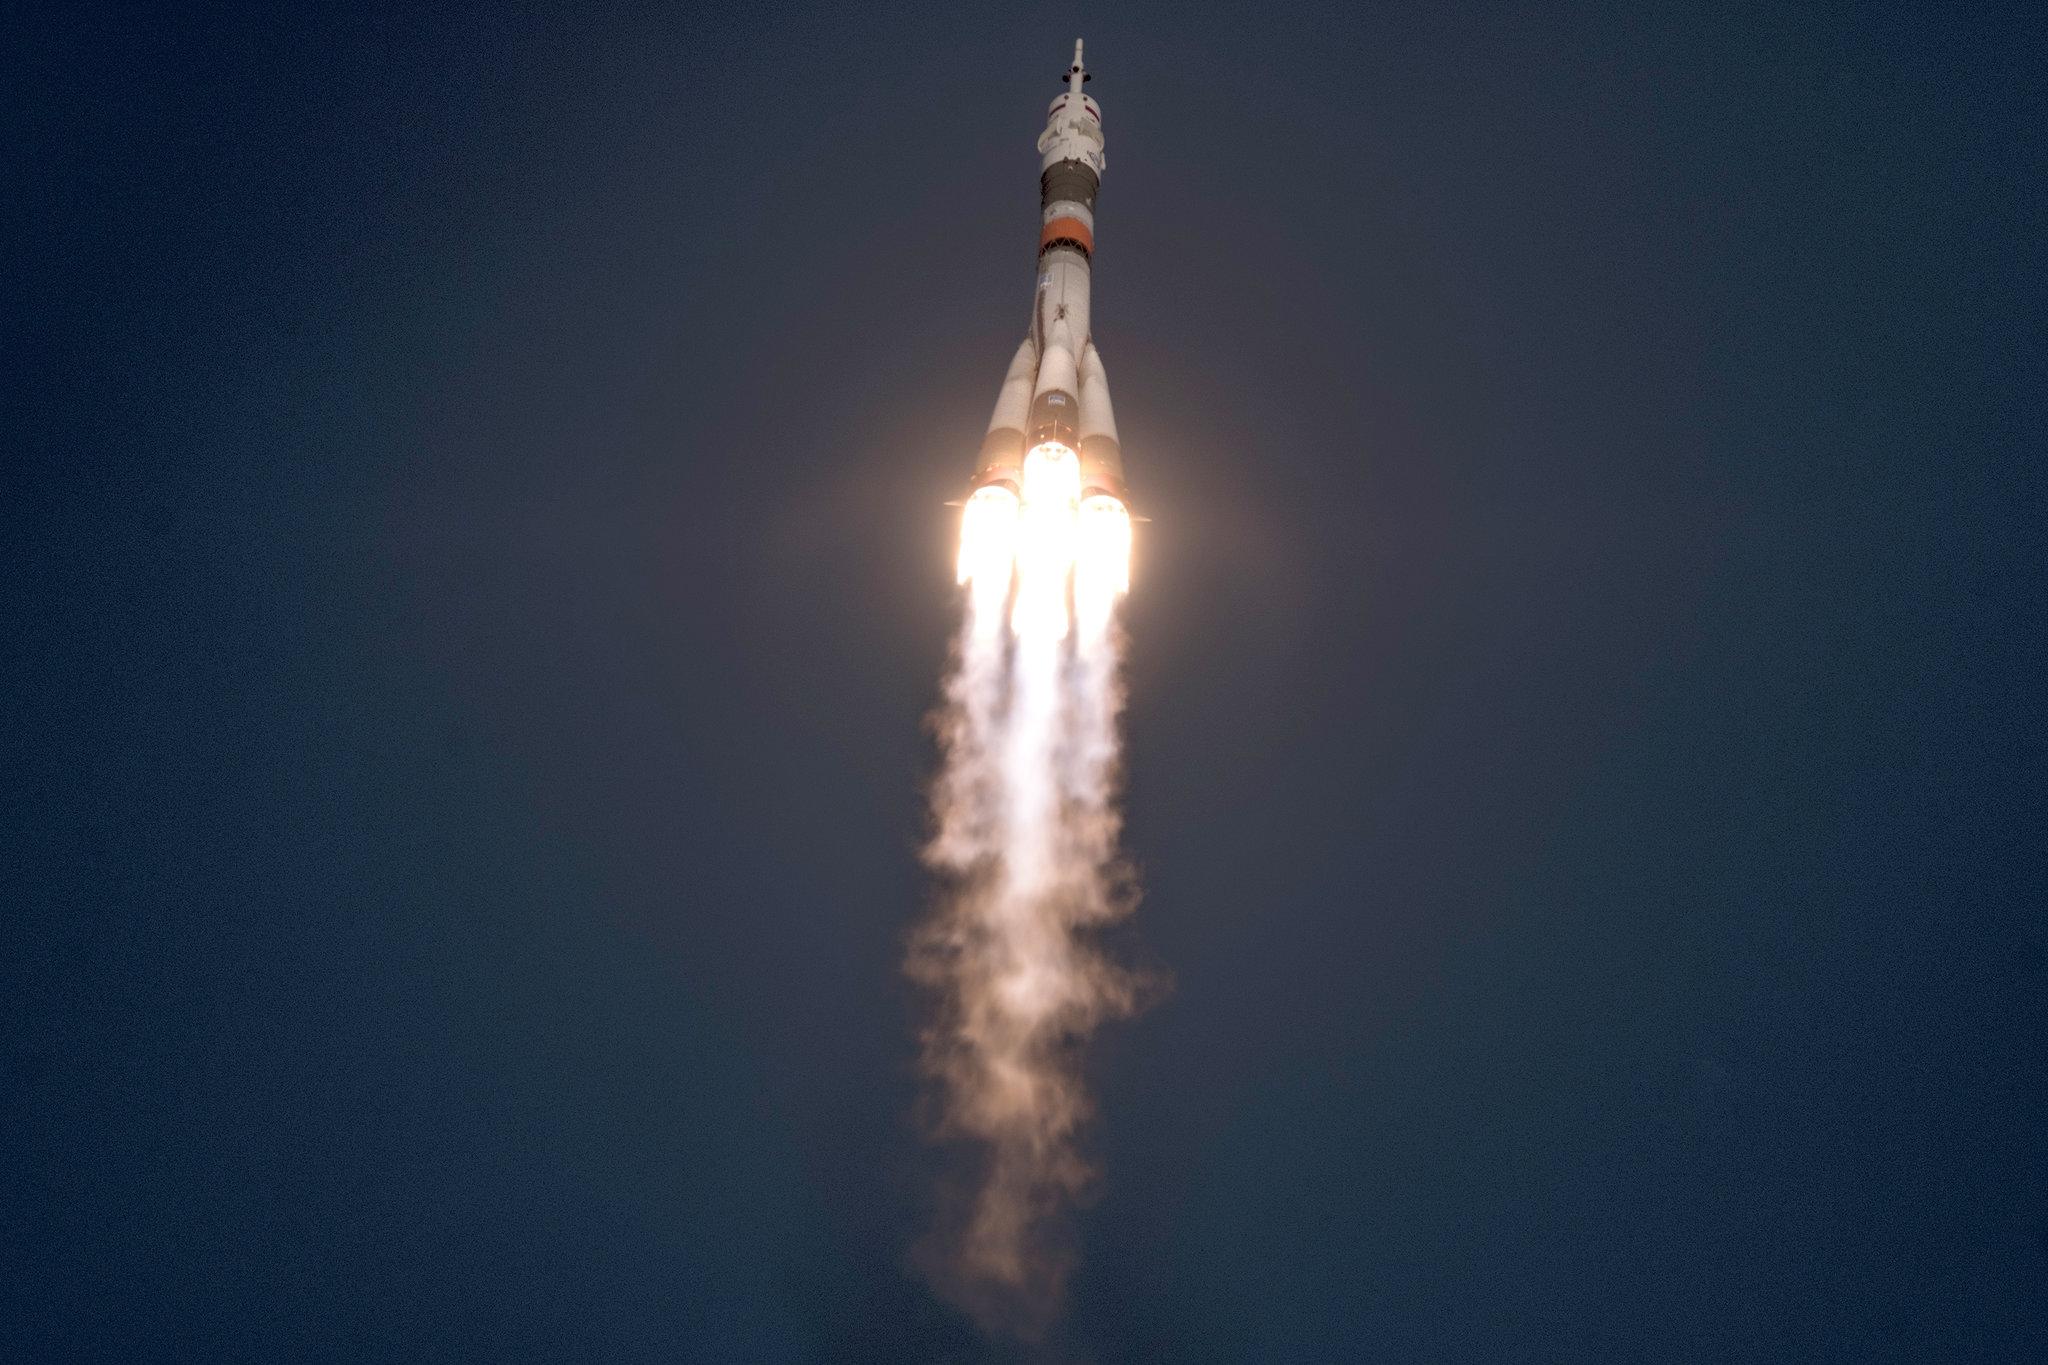 MS-11 kapsülünün uzay yolculuğuna başlama anı. 4 motordan şiddetle yanmış yakıt püskürüyor ve roket gökyüzüne ilerliyor.